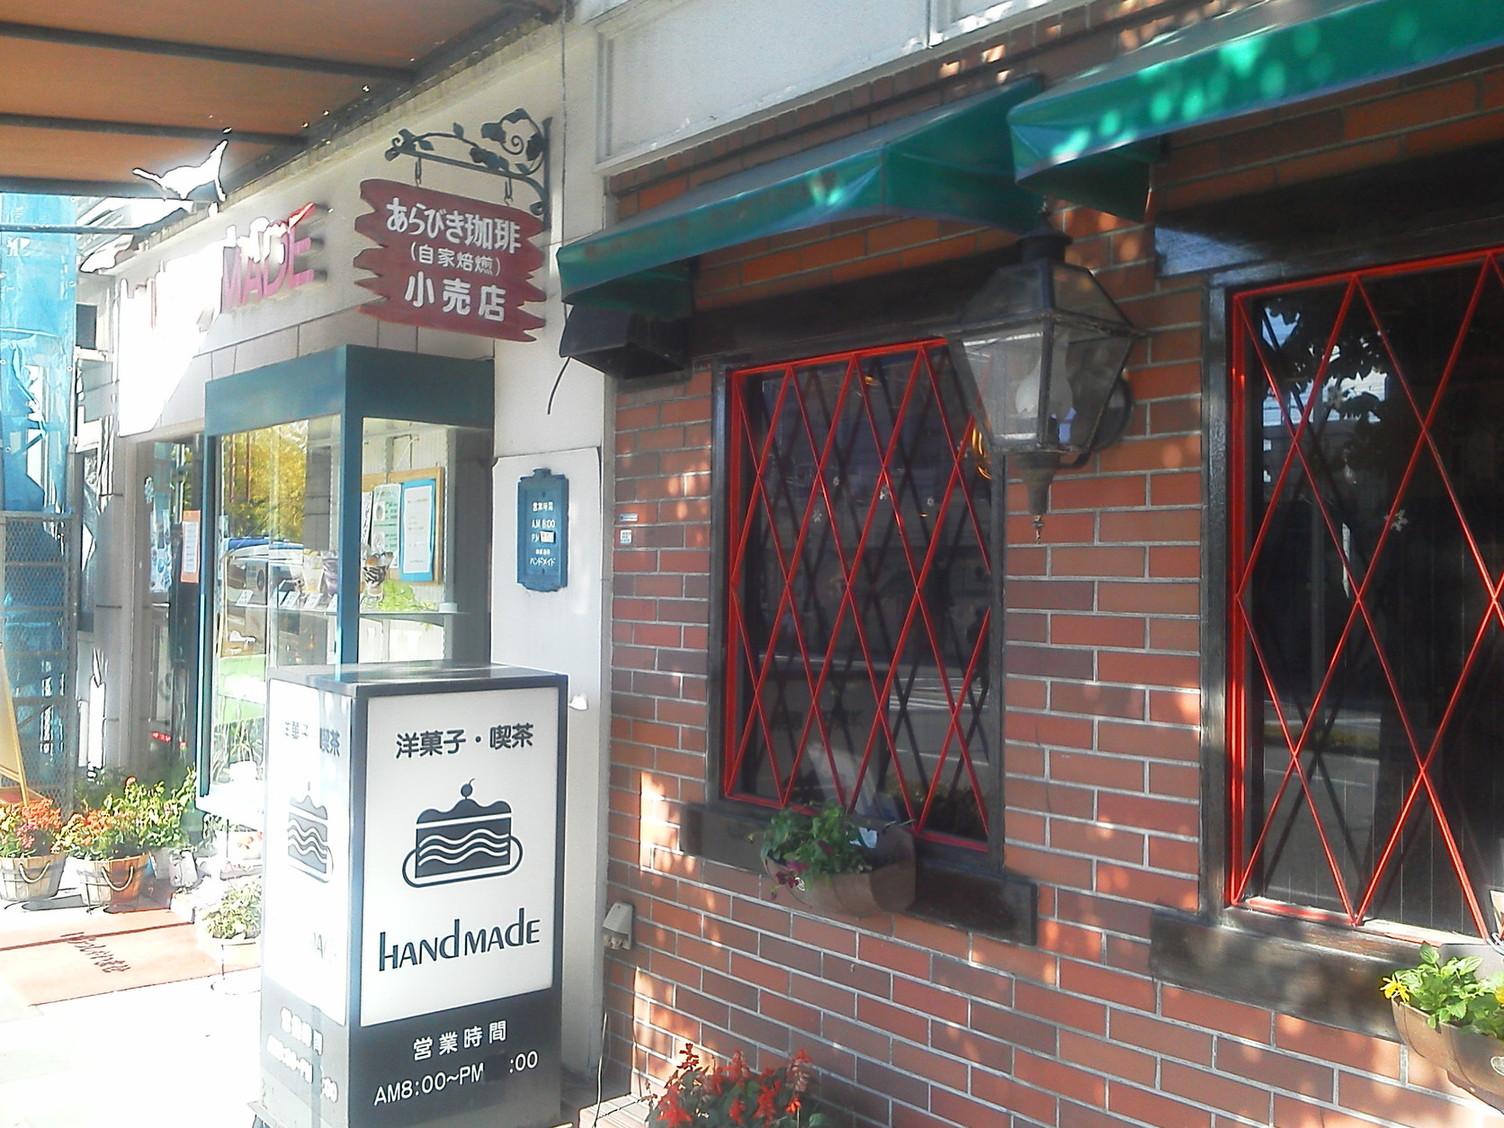 ハンドメイド 春日野道店